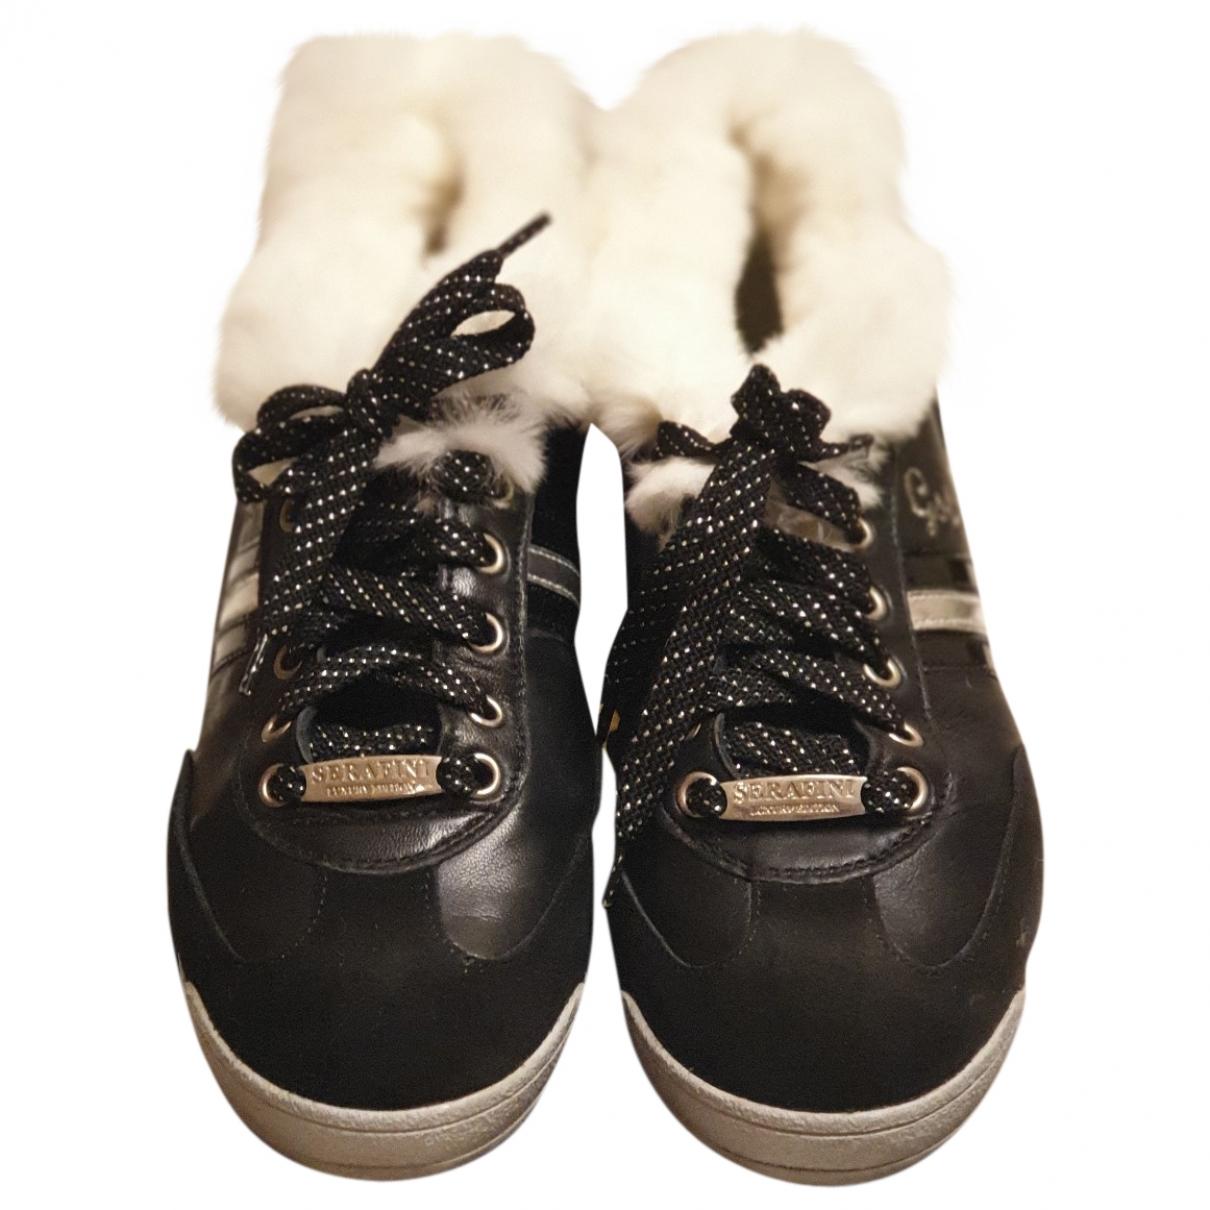 Serafini \N Black Leather Trainers for Women 39 EU